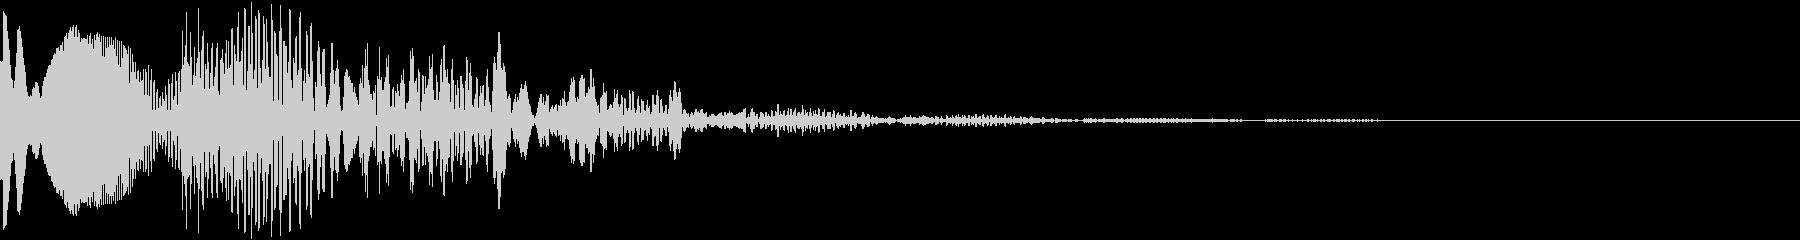 レトロ系シューティングゲーム被弾爆発SEの未再生の波形